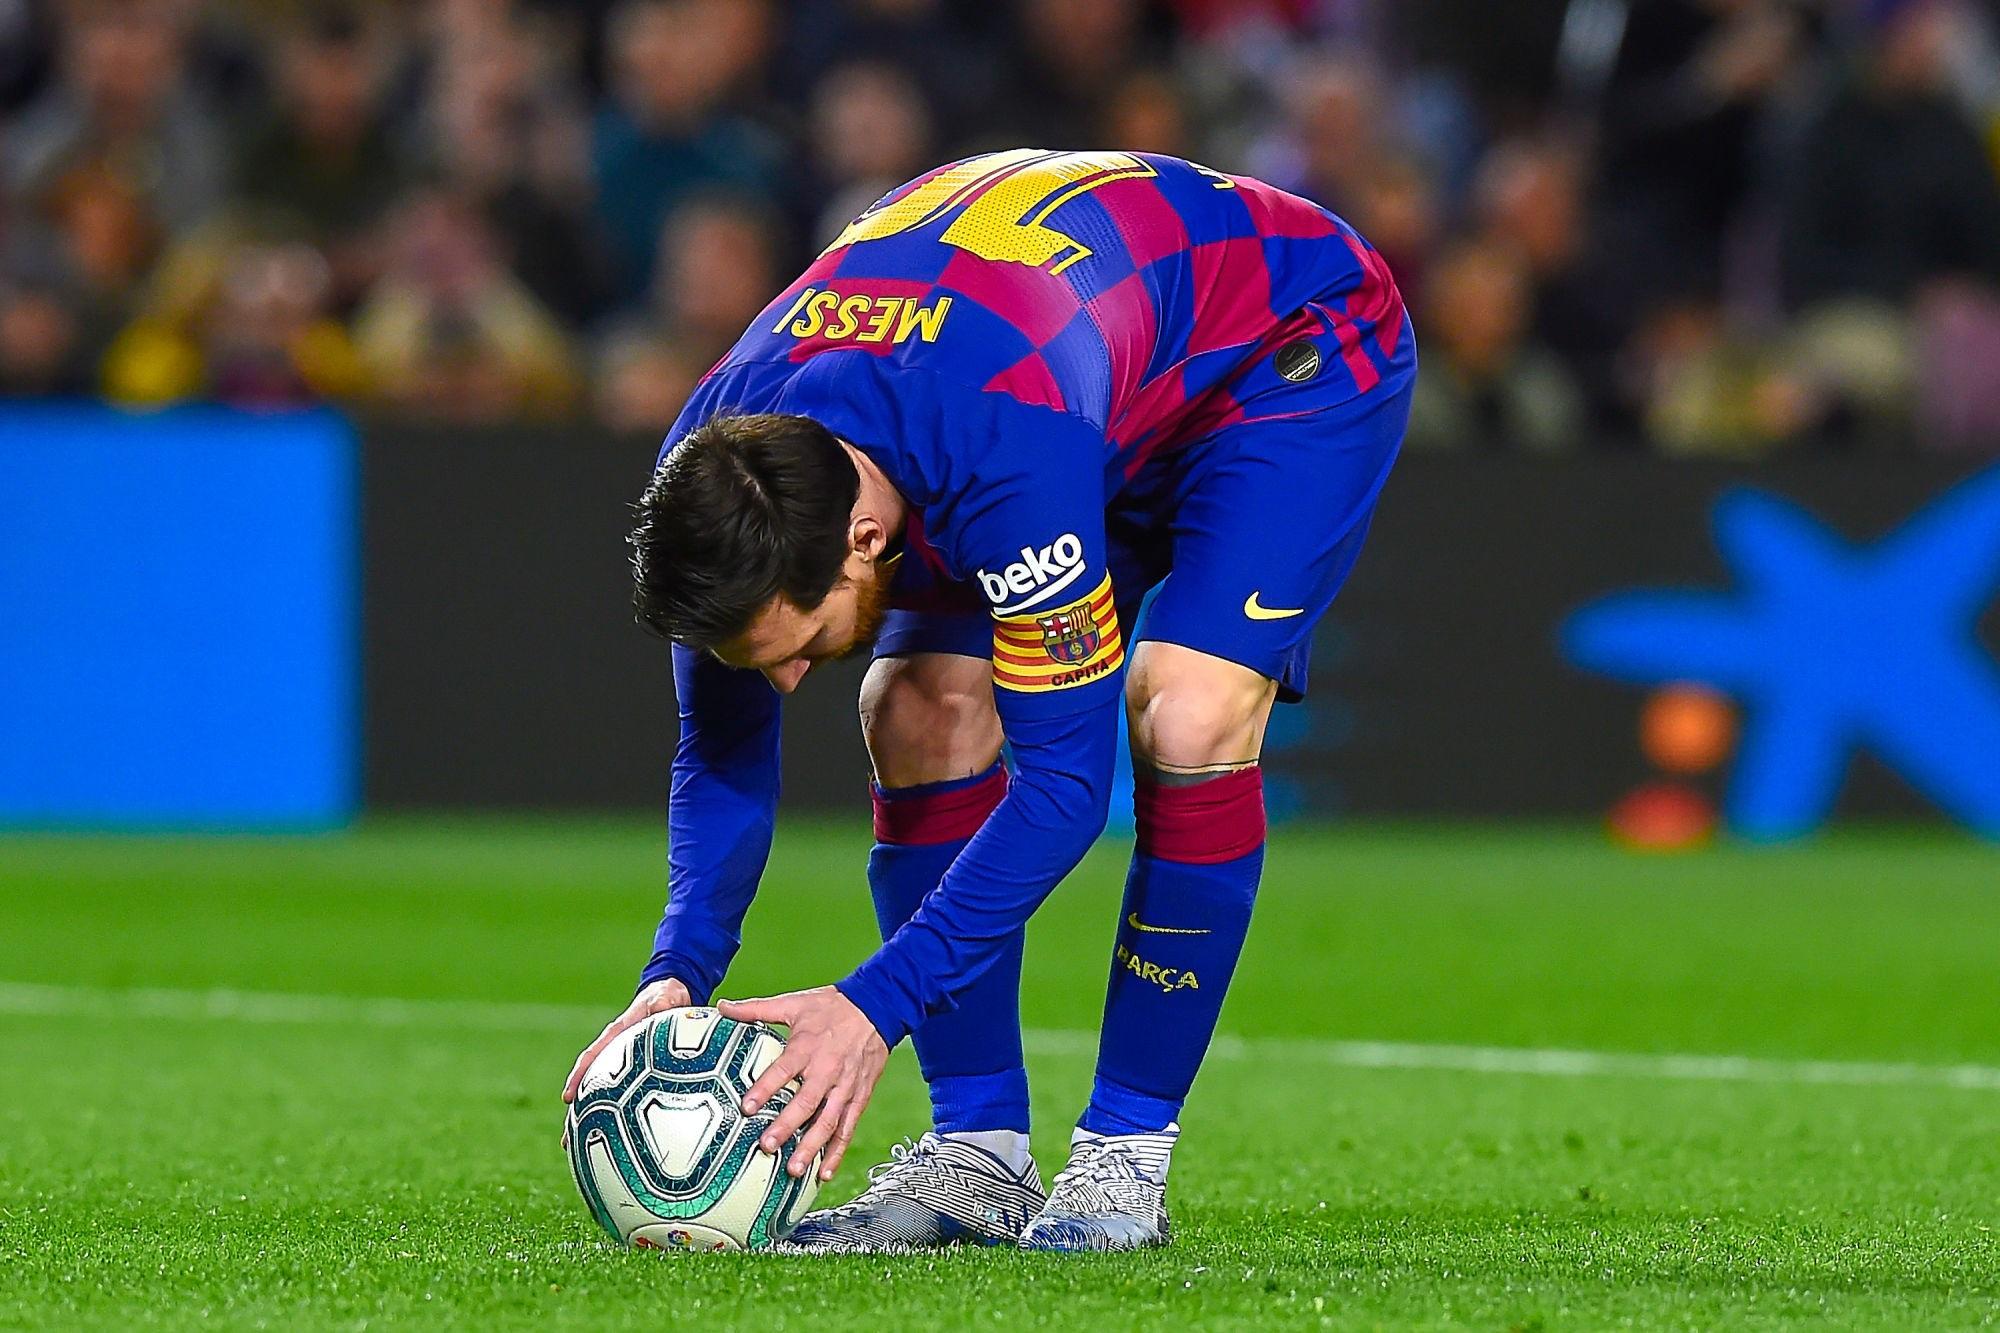 Mercato - Le Barça et l'Atlético parmi les clubs surveillés par le gouvernement espagnol cet été